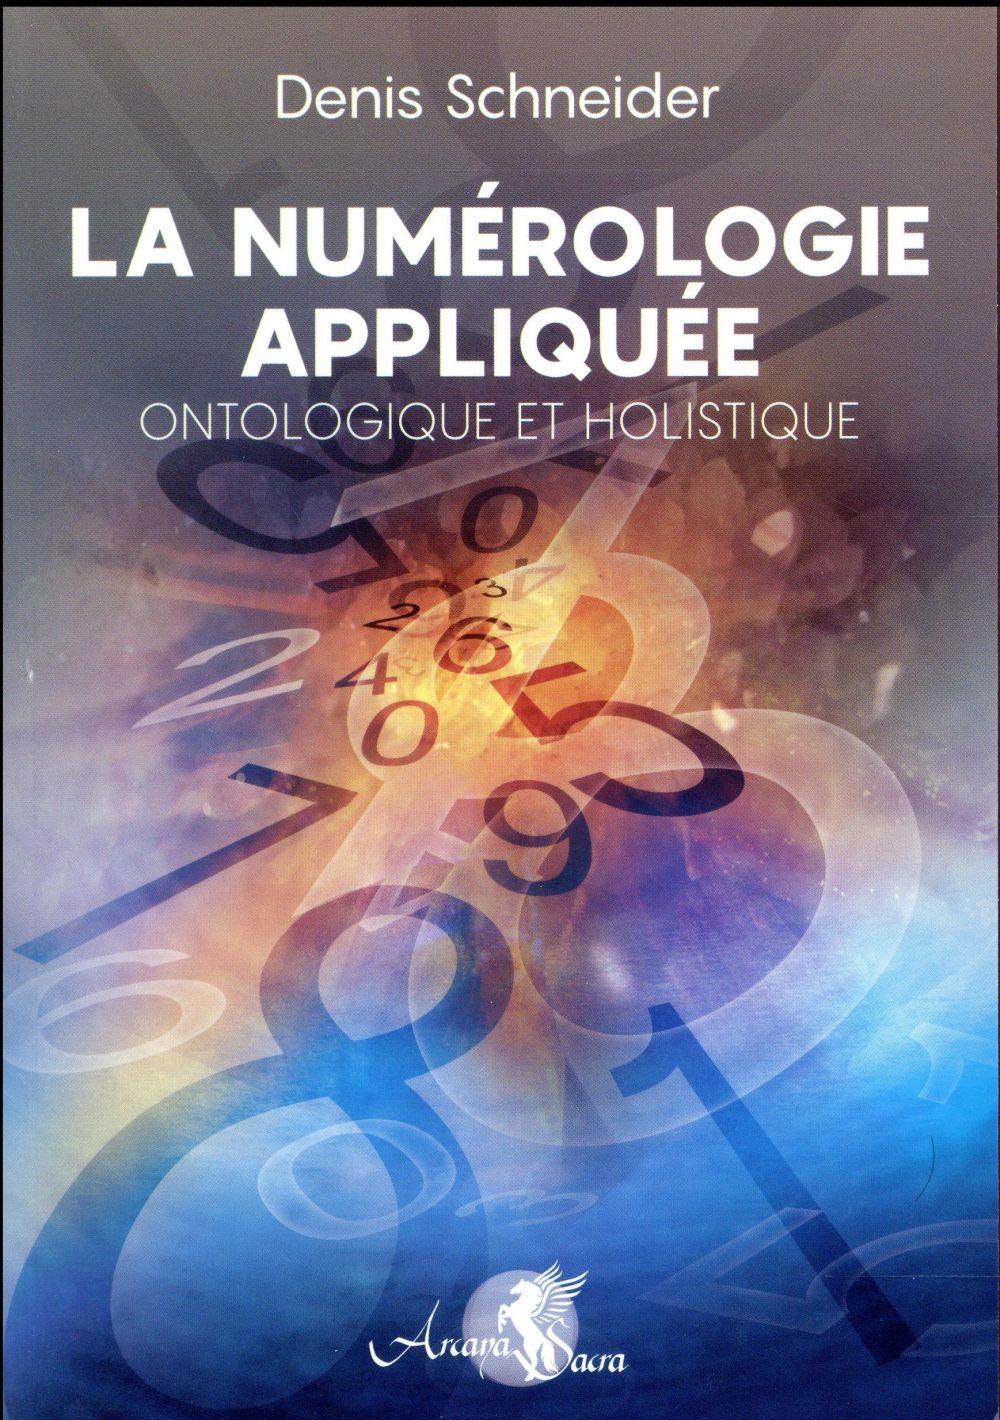 La numérologie appliquée; ontologique et holistique